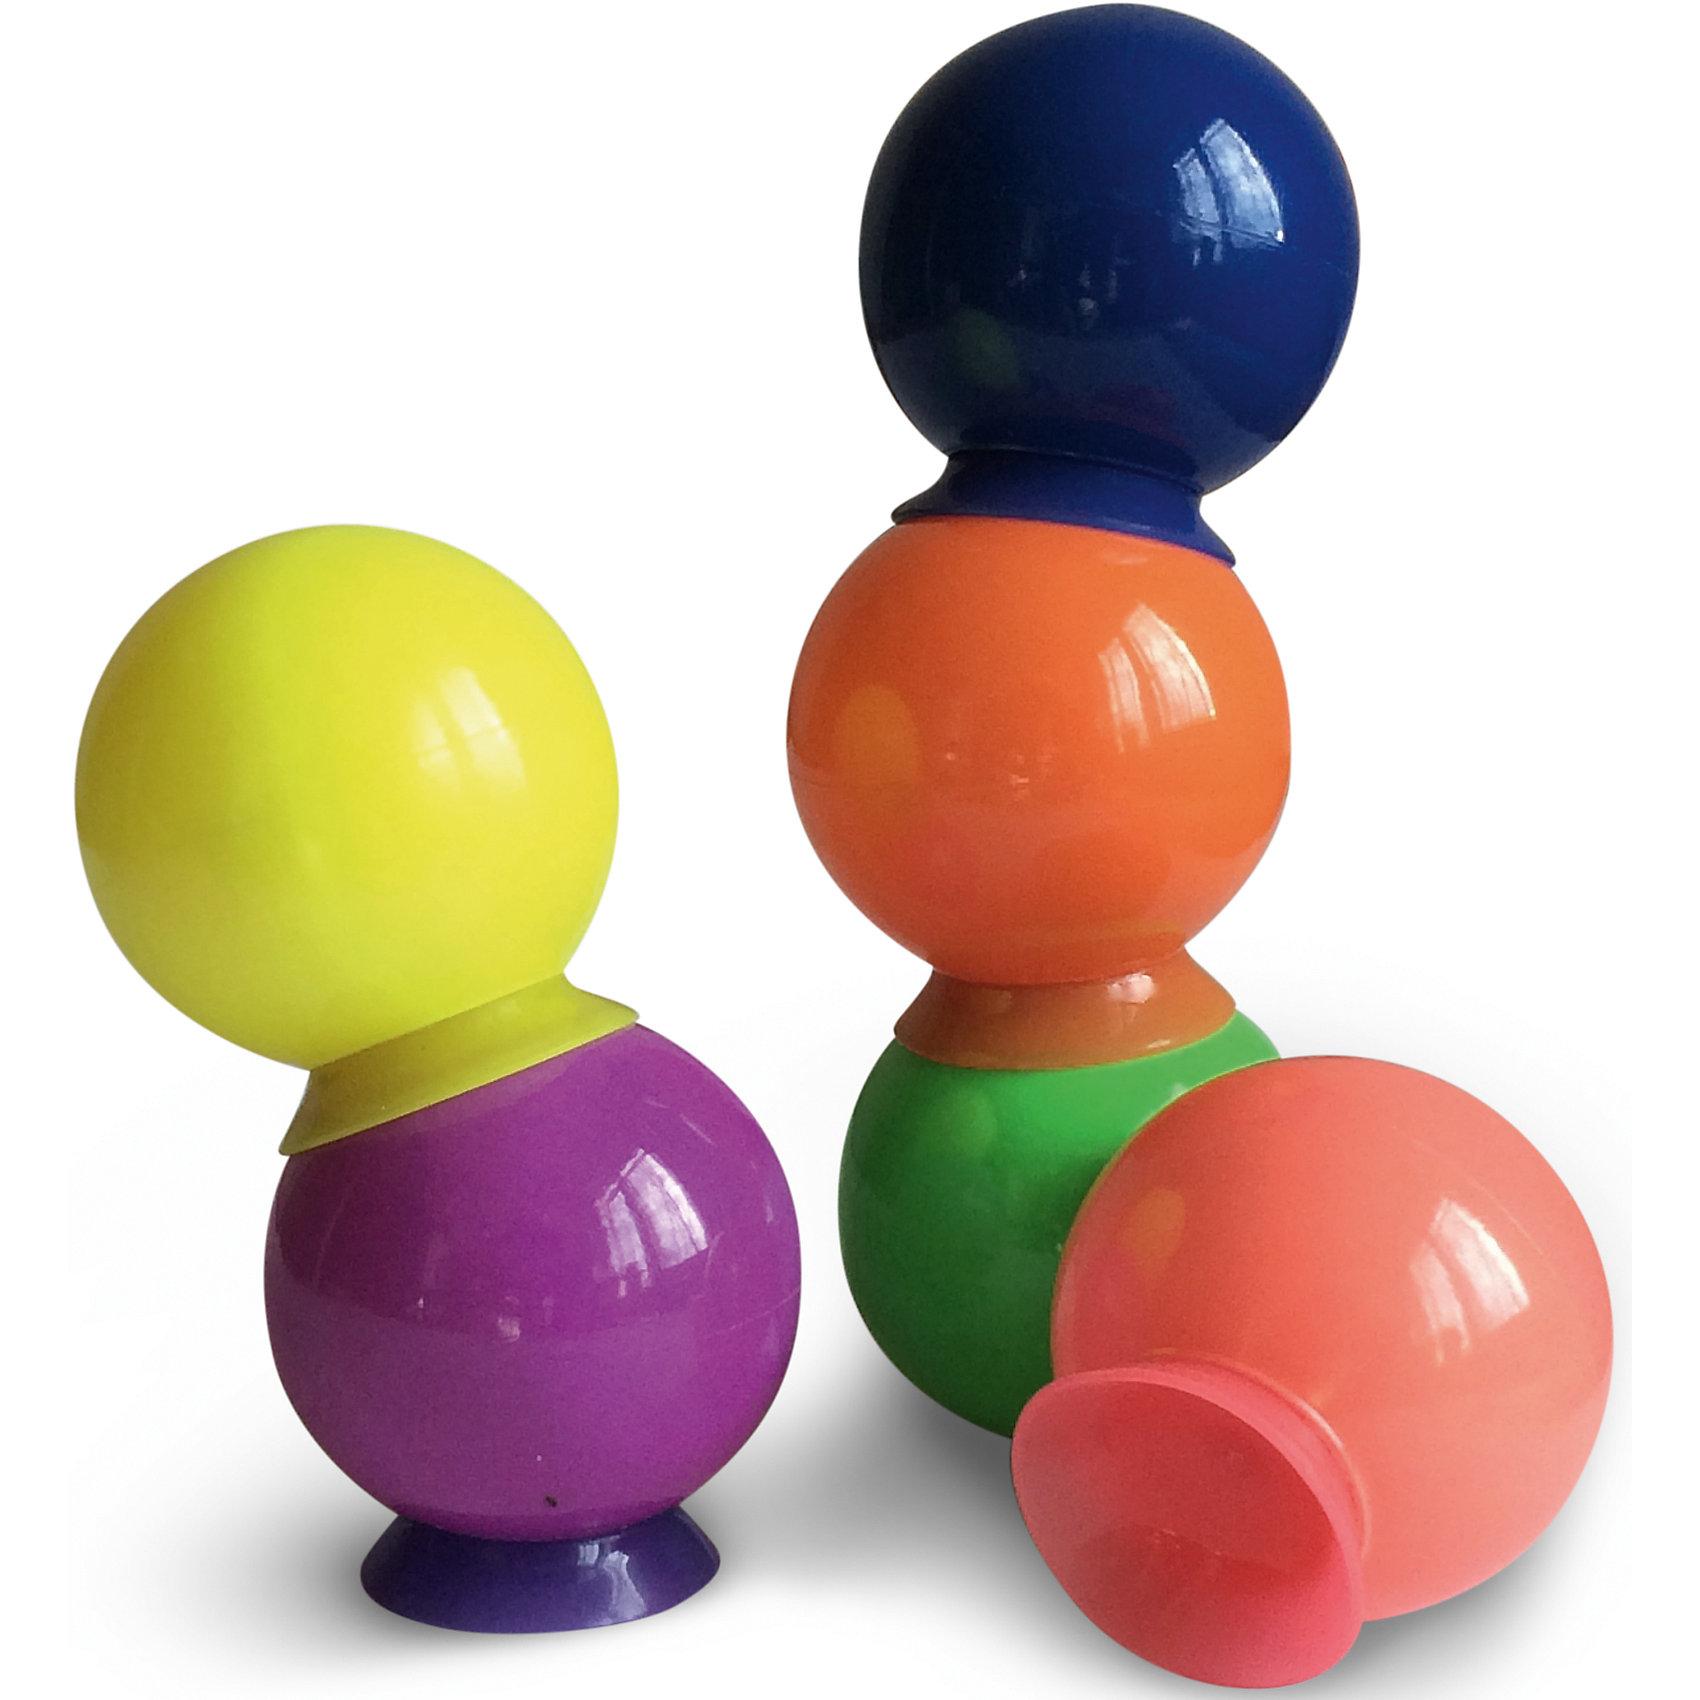 Набор ПВХ-игрушек для ванной IqBubblesДети спешат узнавать мир, и делать это приятнее, играя! Такие игрушки помогают малышу быстрее освоить нужные навыки: они развивают мелкую моторику, цветовосприятие, умение логически размышлять, внимание, способность распознавать разные геометрические формы и многое другое.<br>Эти игрушки в виде пузырьков сделаны из ПВХ, безопасного для малышей. С ними лучше всего играть в ванной - игрушки не тонут, они яркие и забавные, легко соединяются друг с другом. Игра с ними может надолго занять ребенка!<br><br>Дополнительная информация:<br><br>цвет: разноцветный;<br>материал: ПВХ;<br>размер упаковки: 15 х 26 х 7 см;<br>комплектация: 6 шт.<br><br>Набор ПВХ-игрушек для купания IqBubbles можно купить в нашем магазине.<br><br>Ширина мм: 60<br>Глубина мм: 150<br>Высота мм: 260<br>Вес г: 127<br>Возраст от месяцев: 0<br>Возраст до месяцев: 36<br>Пол: Унисекс<br>Возраст: Детский<br>SKU: 4974827